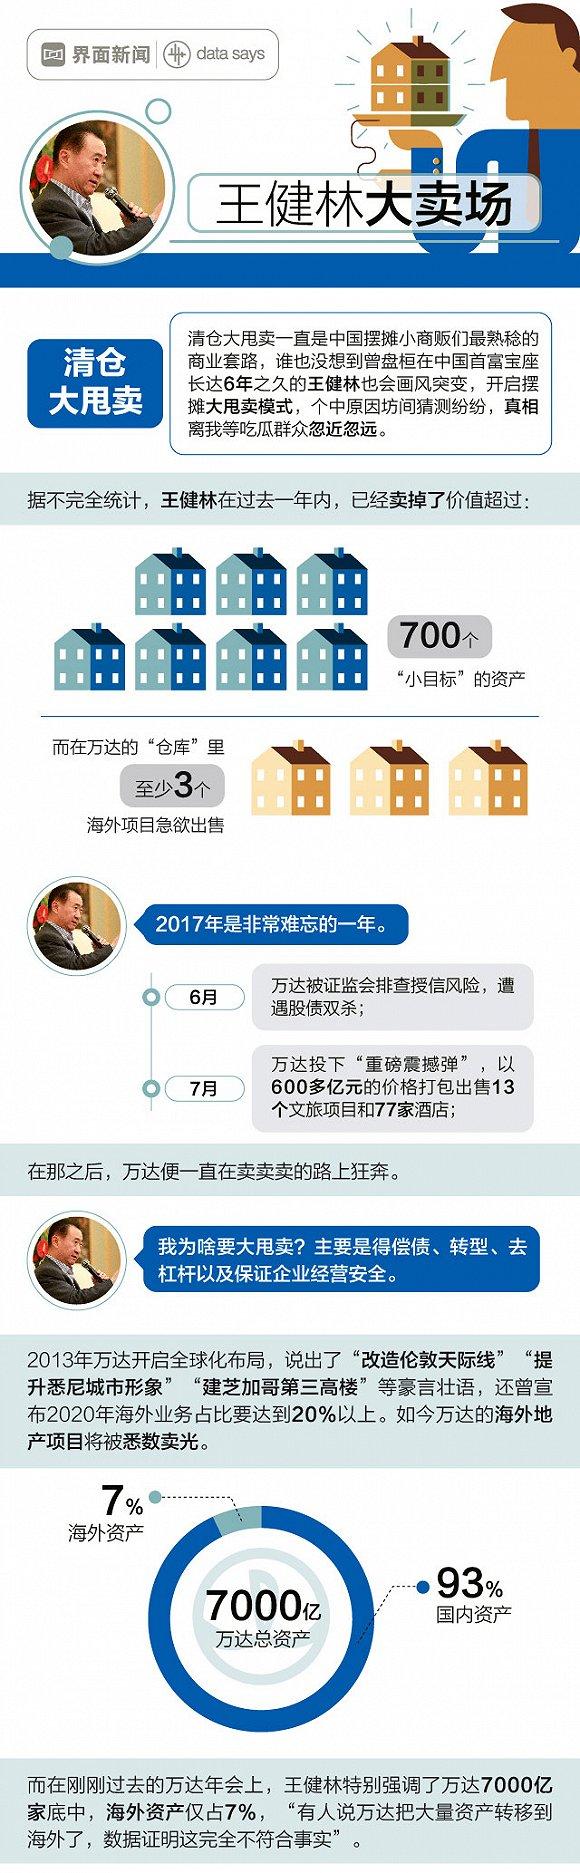 图解:王健林大卖场 或把海外地产项目悉数卖光